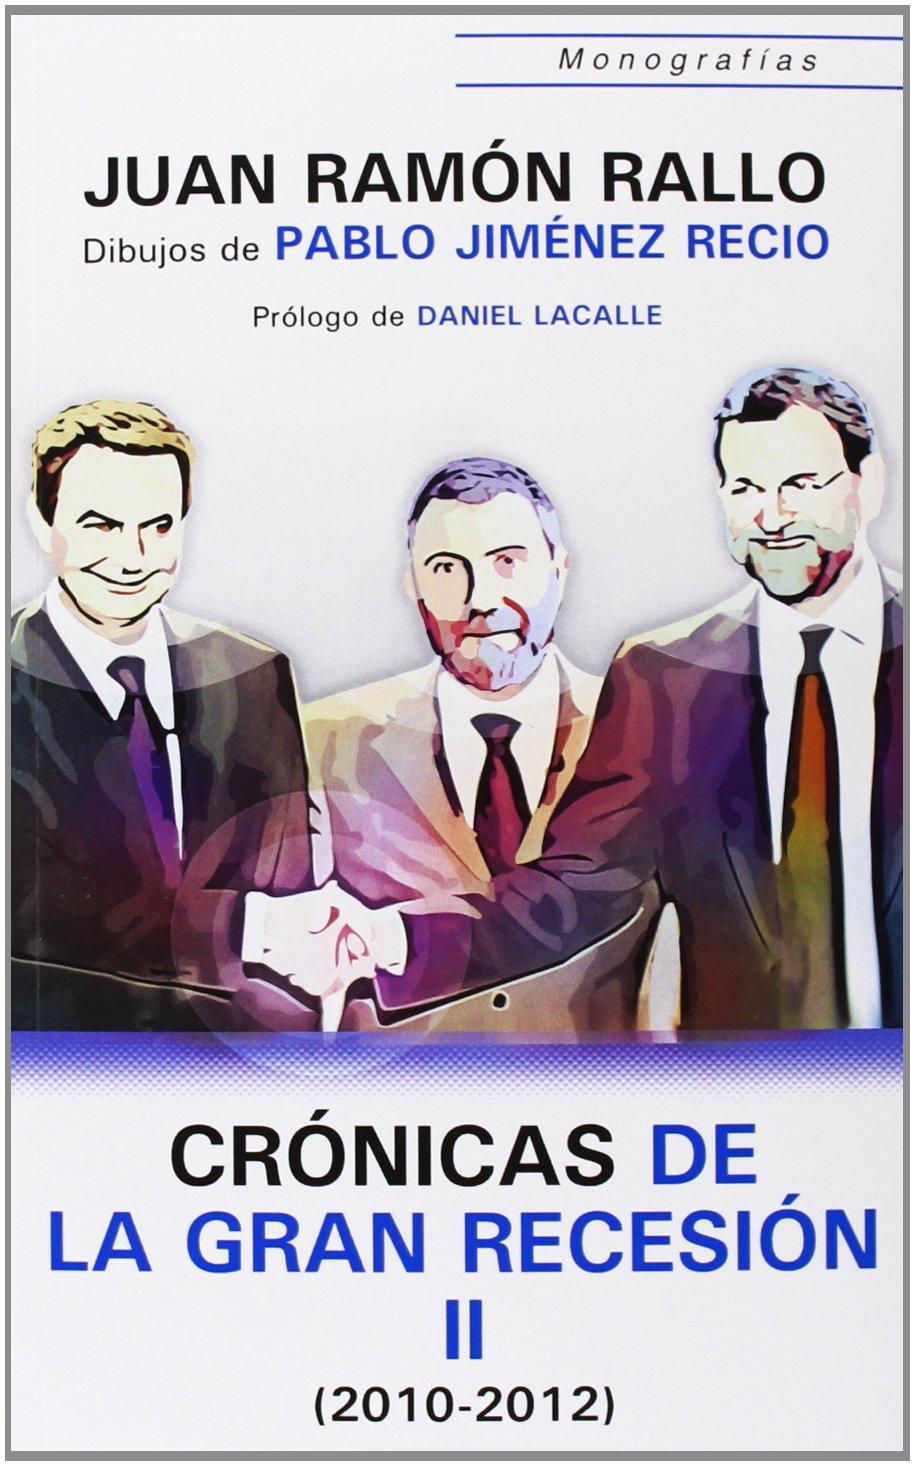 Crónicas de la Gran Recesión 2010-2011 Monografías: Amazon.es: Rallo Julián, Juan Ramón, Jiménez Recio, Pablo, Lacalle Fernández, Daniel: Libros